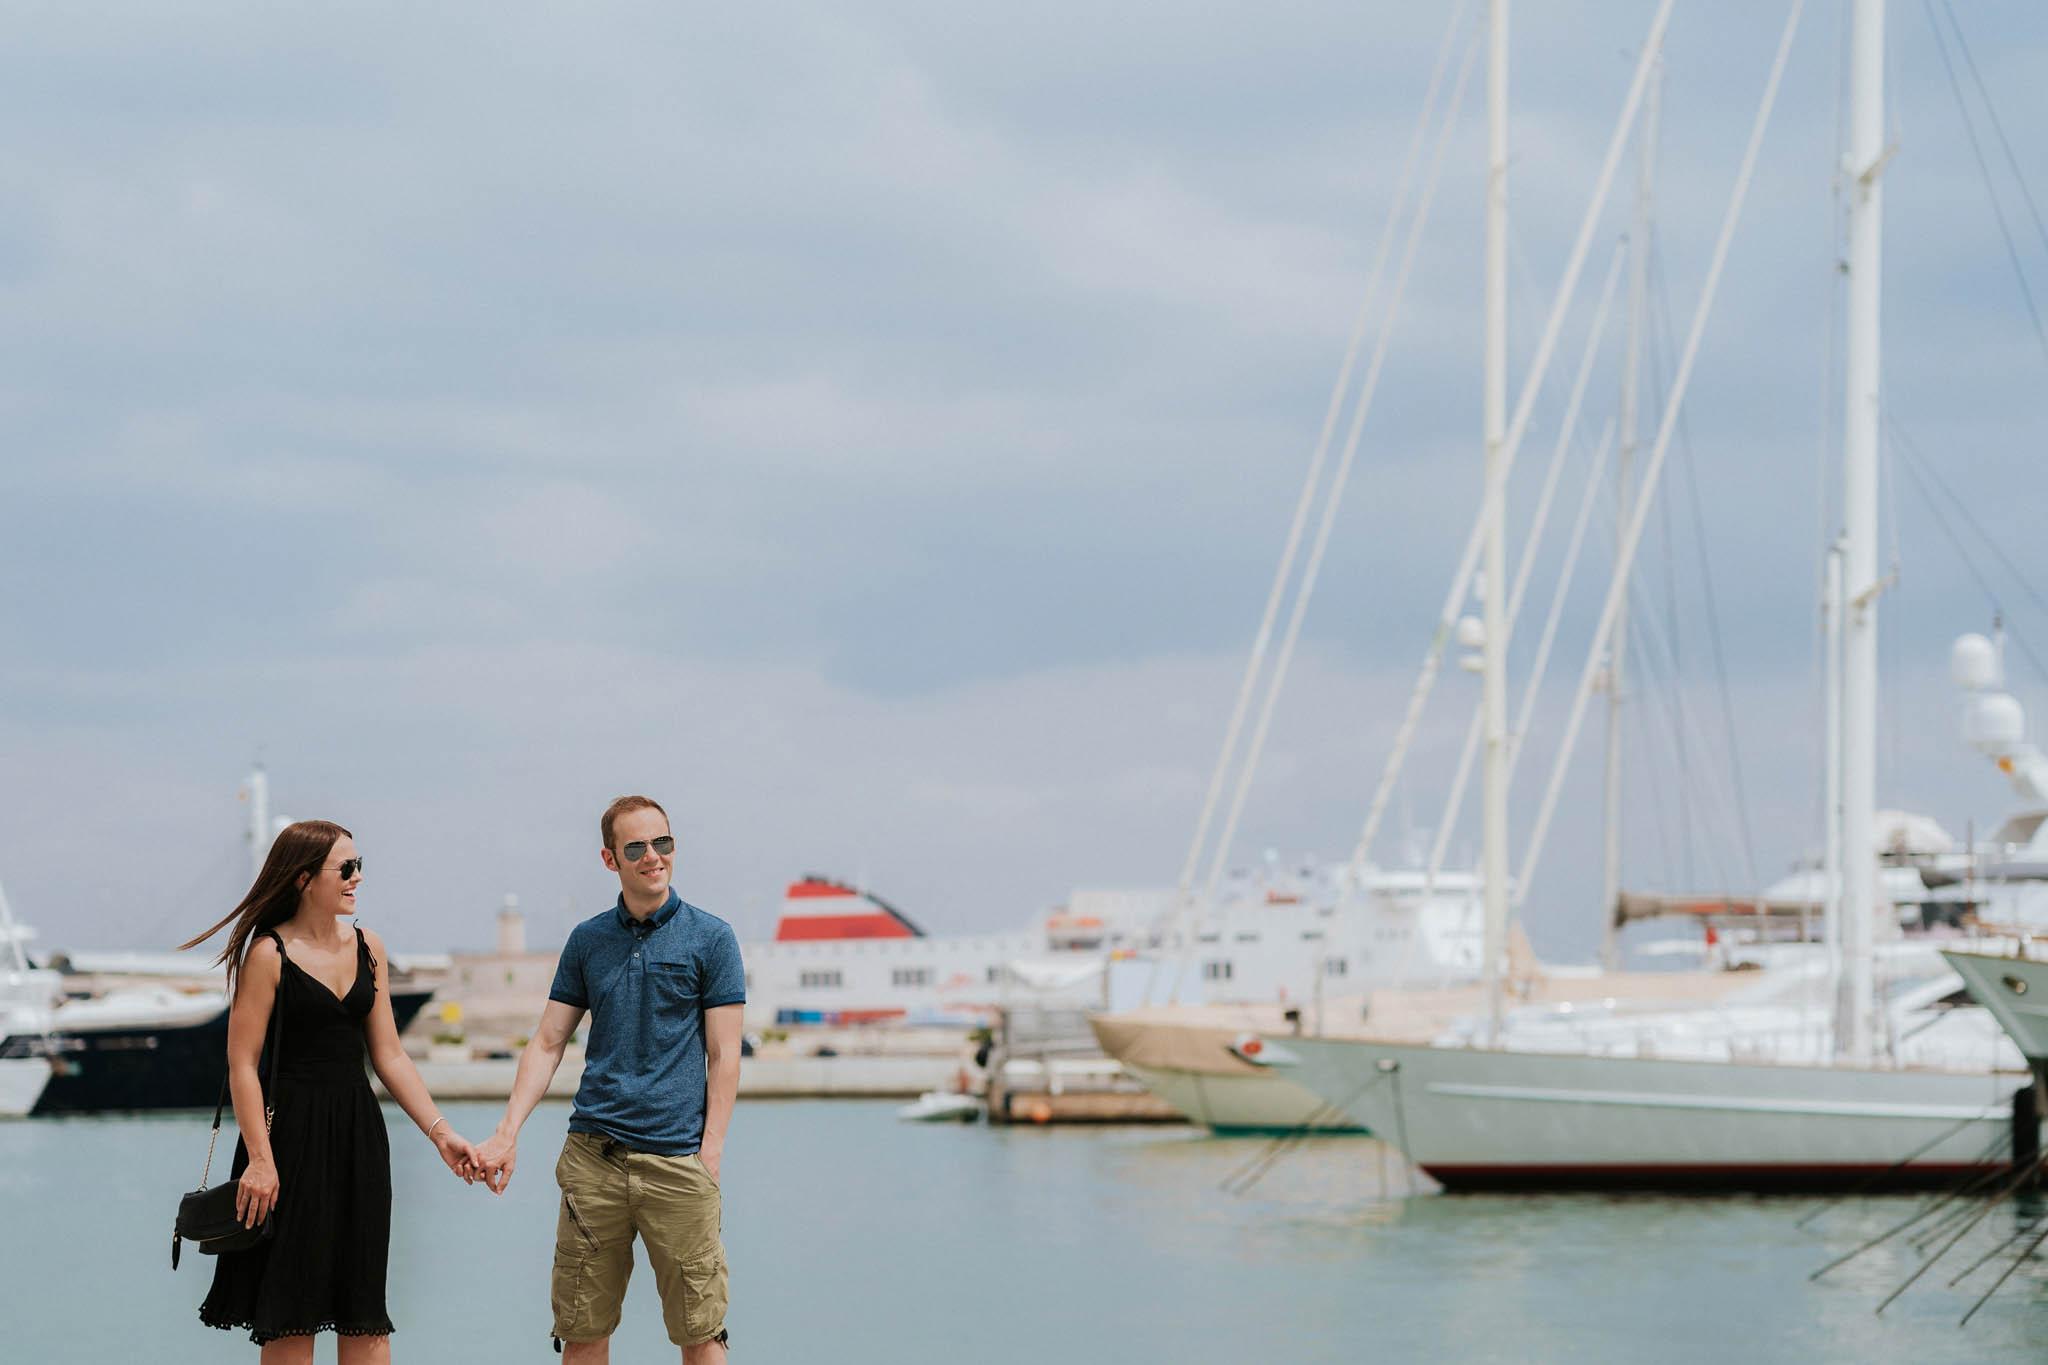 destination-wedding-photography-spain-palma-de-mallorca (9)